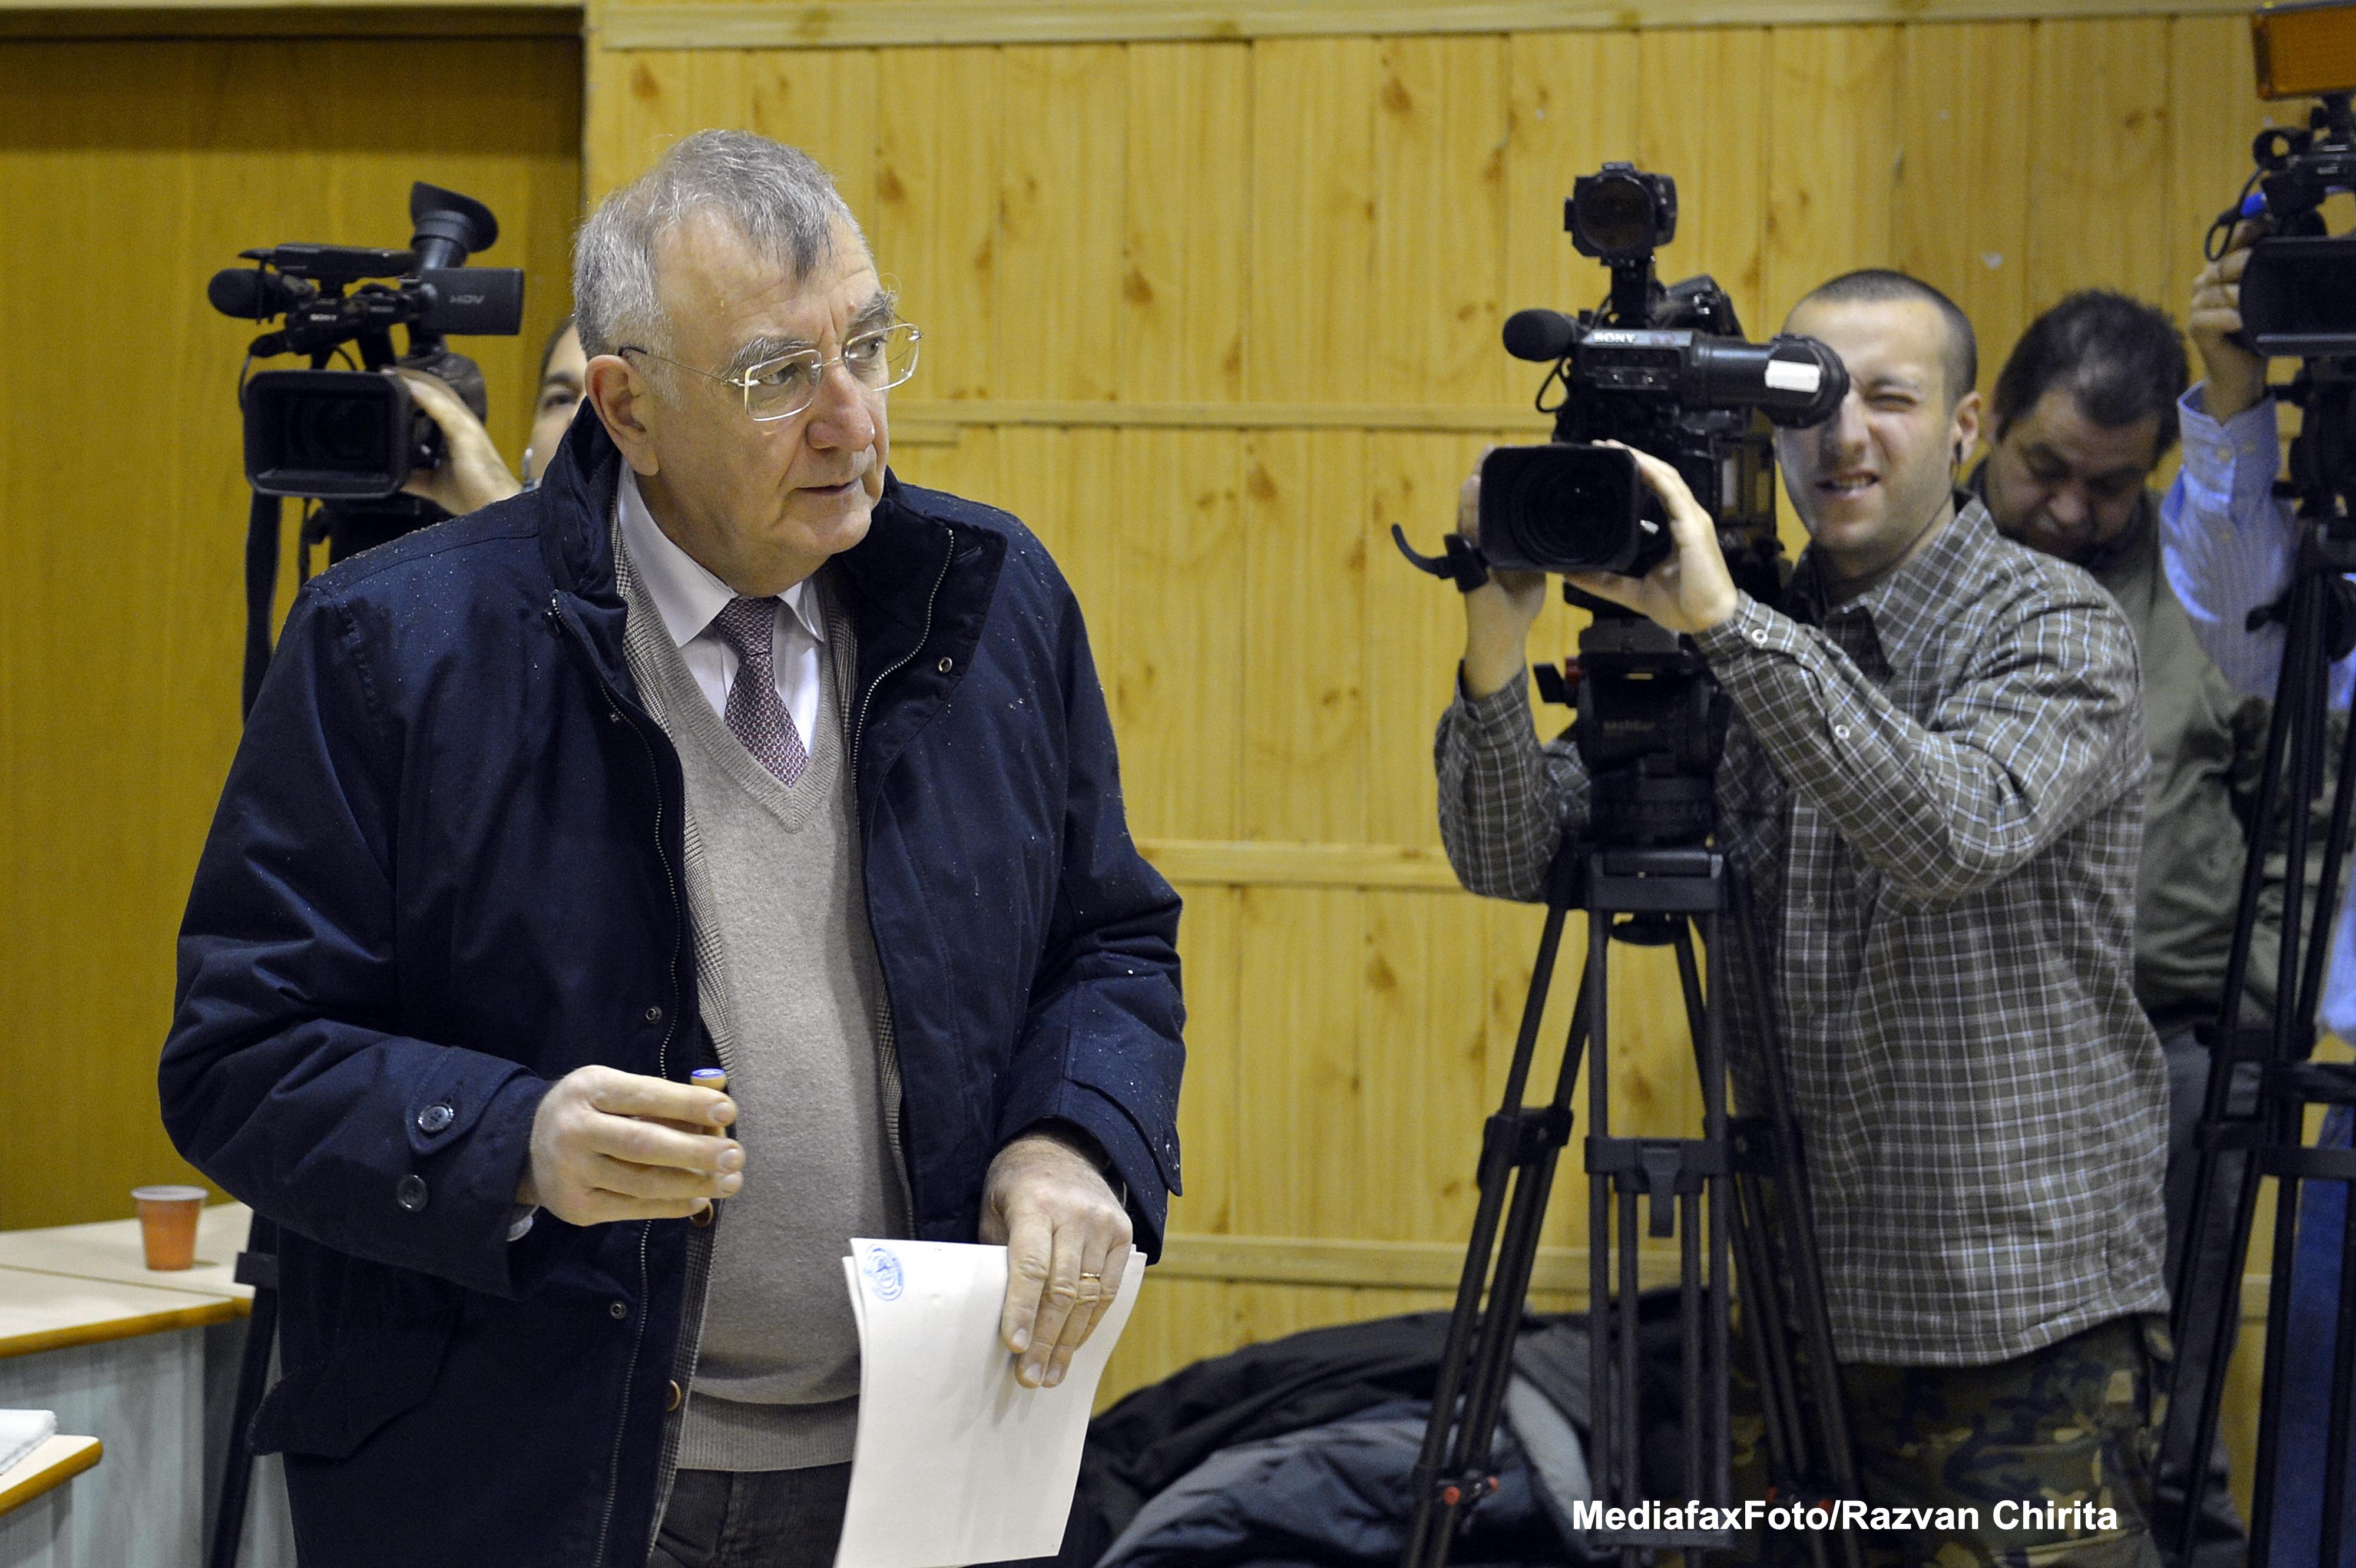 Mesajul lui Andrei Chiliman pentru Crin Antonescu, dupa ce a fost data afara din PNL